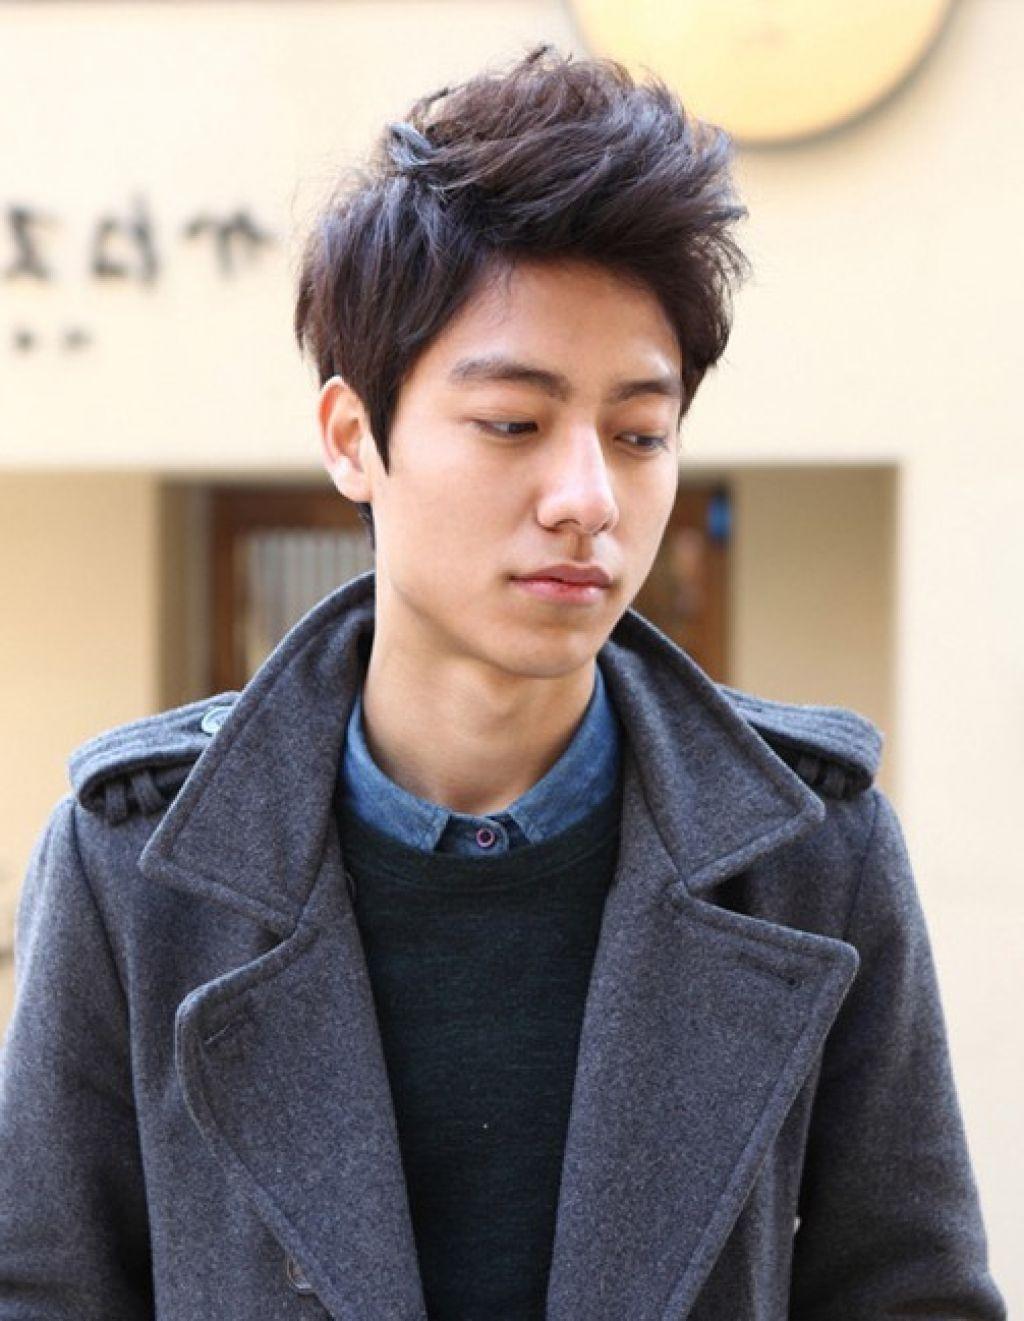 Korean Frisuren Für Männer  Korean hairstyle, Japanese hairstyle